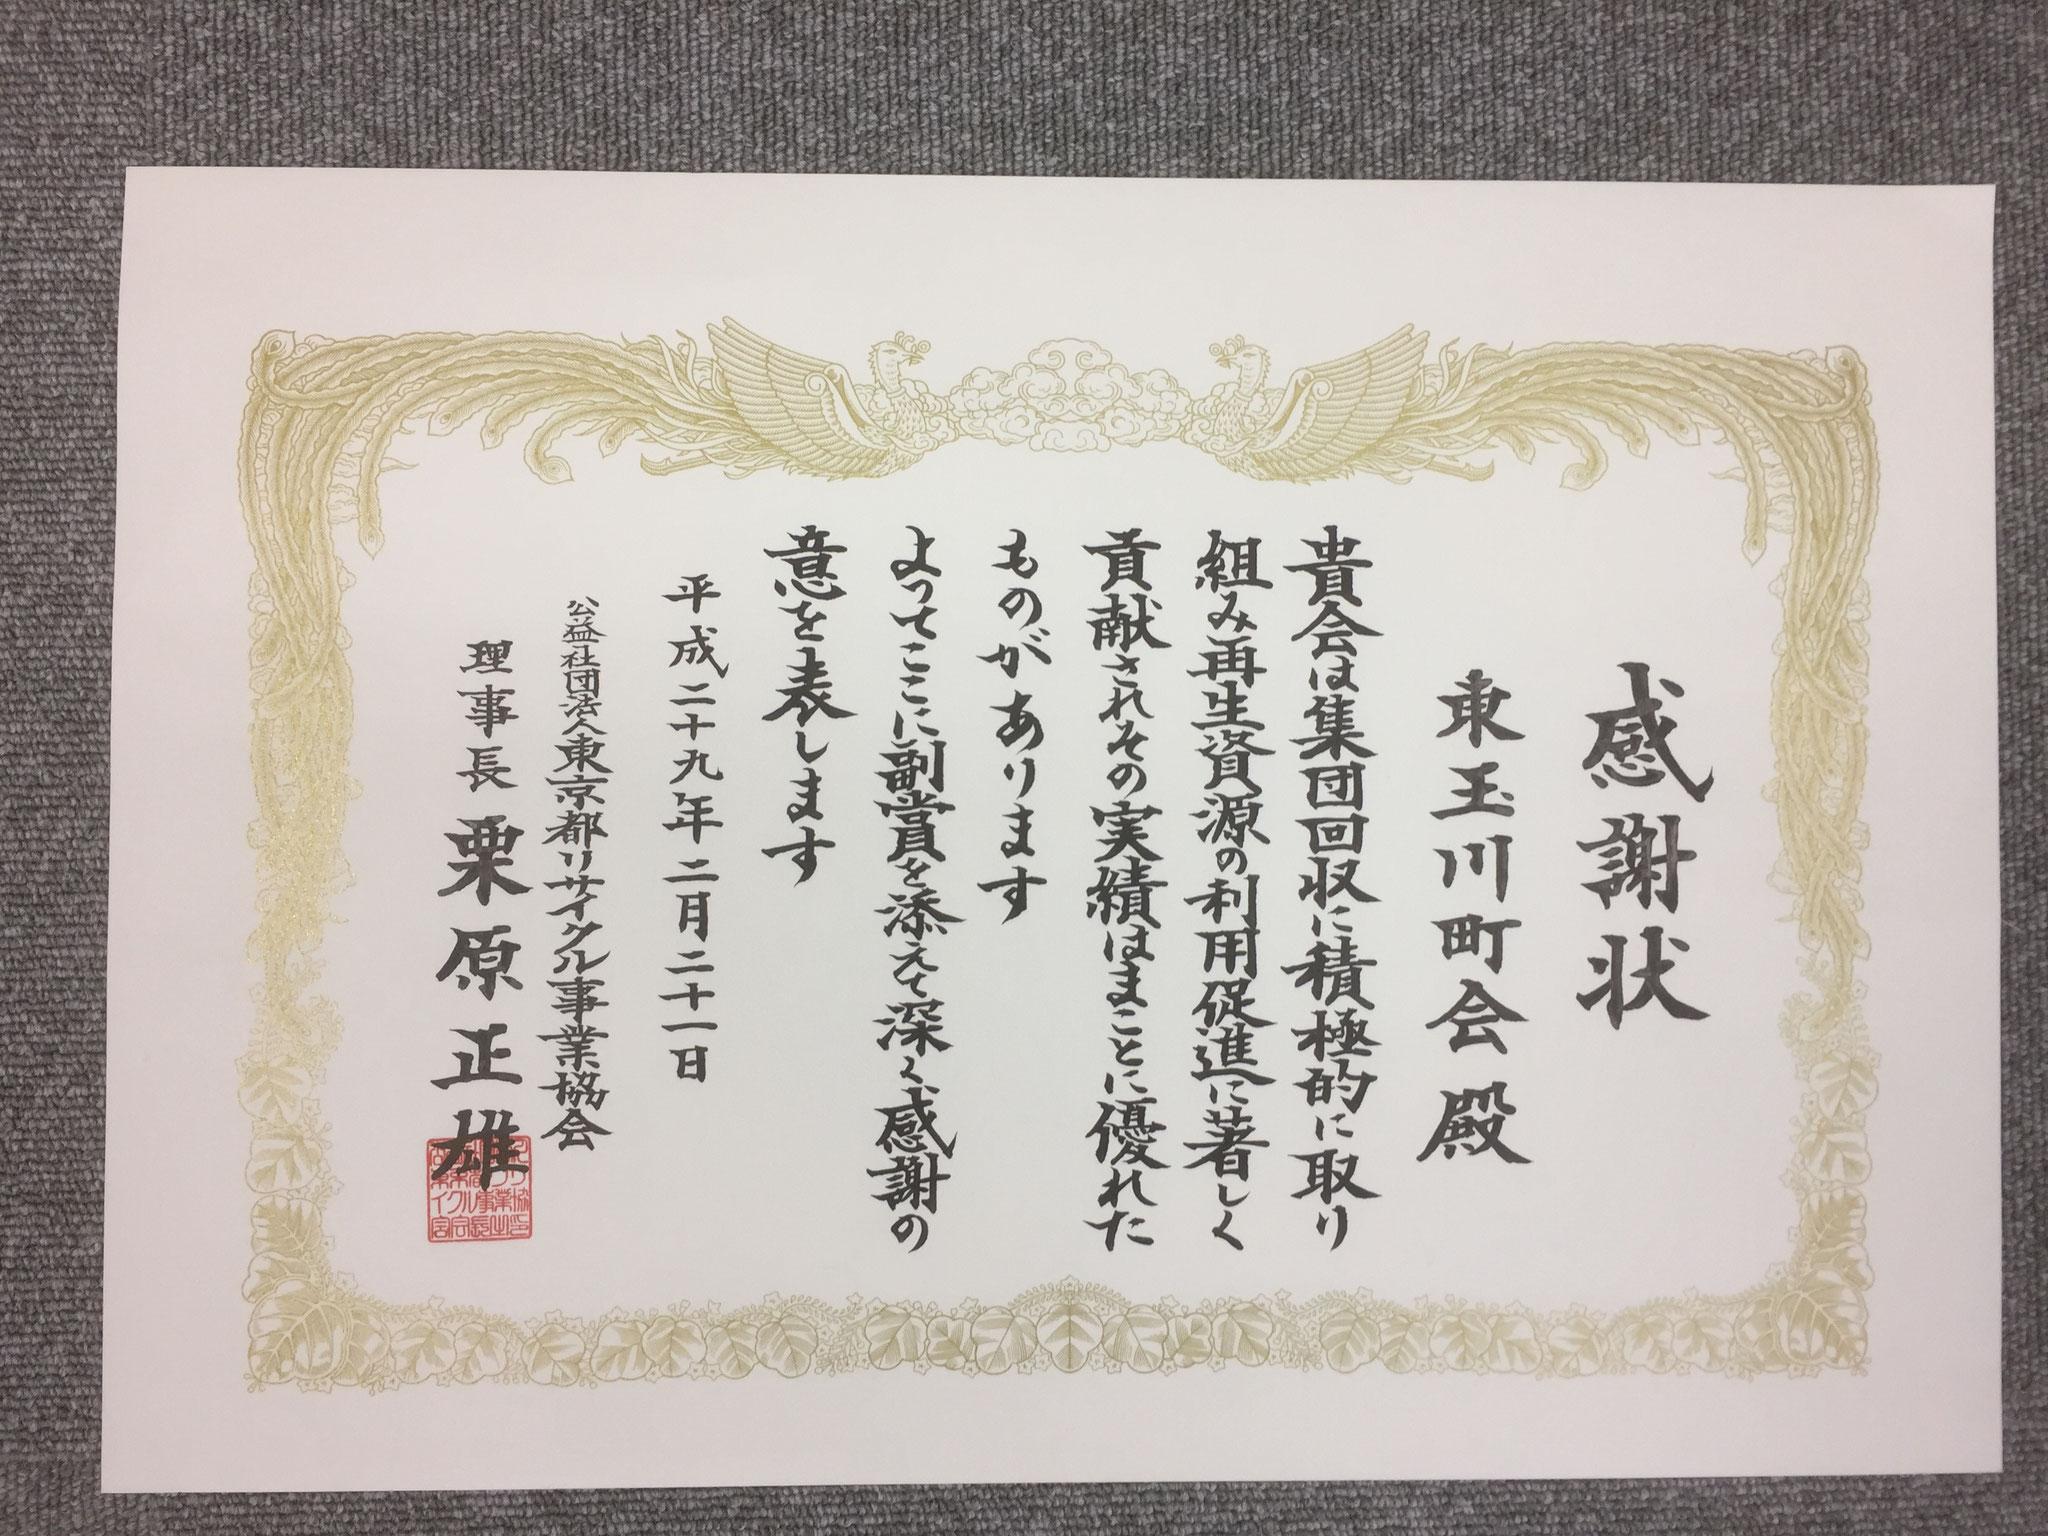 東京都リサイクル事業協会より町会の資源回収に感謝状が贈呈されました